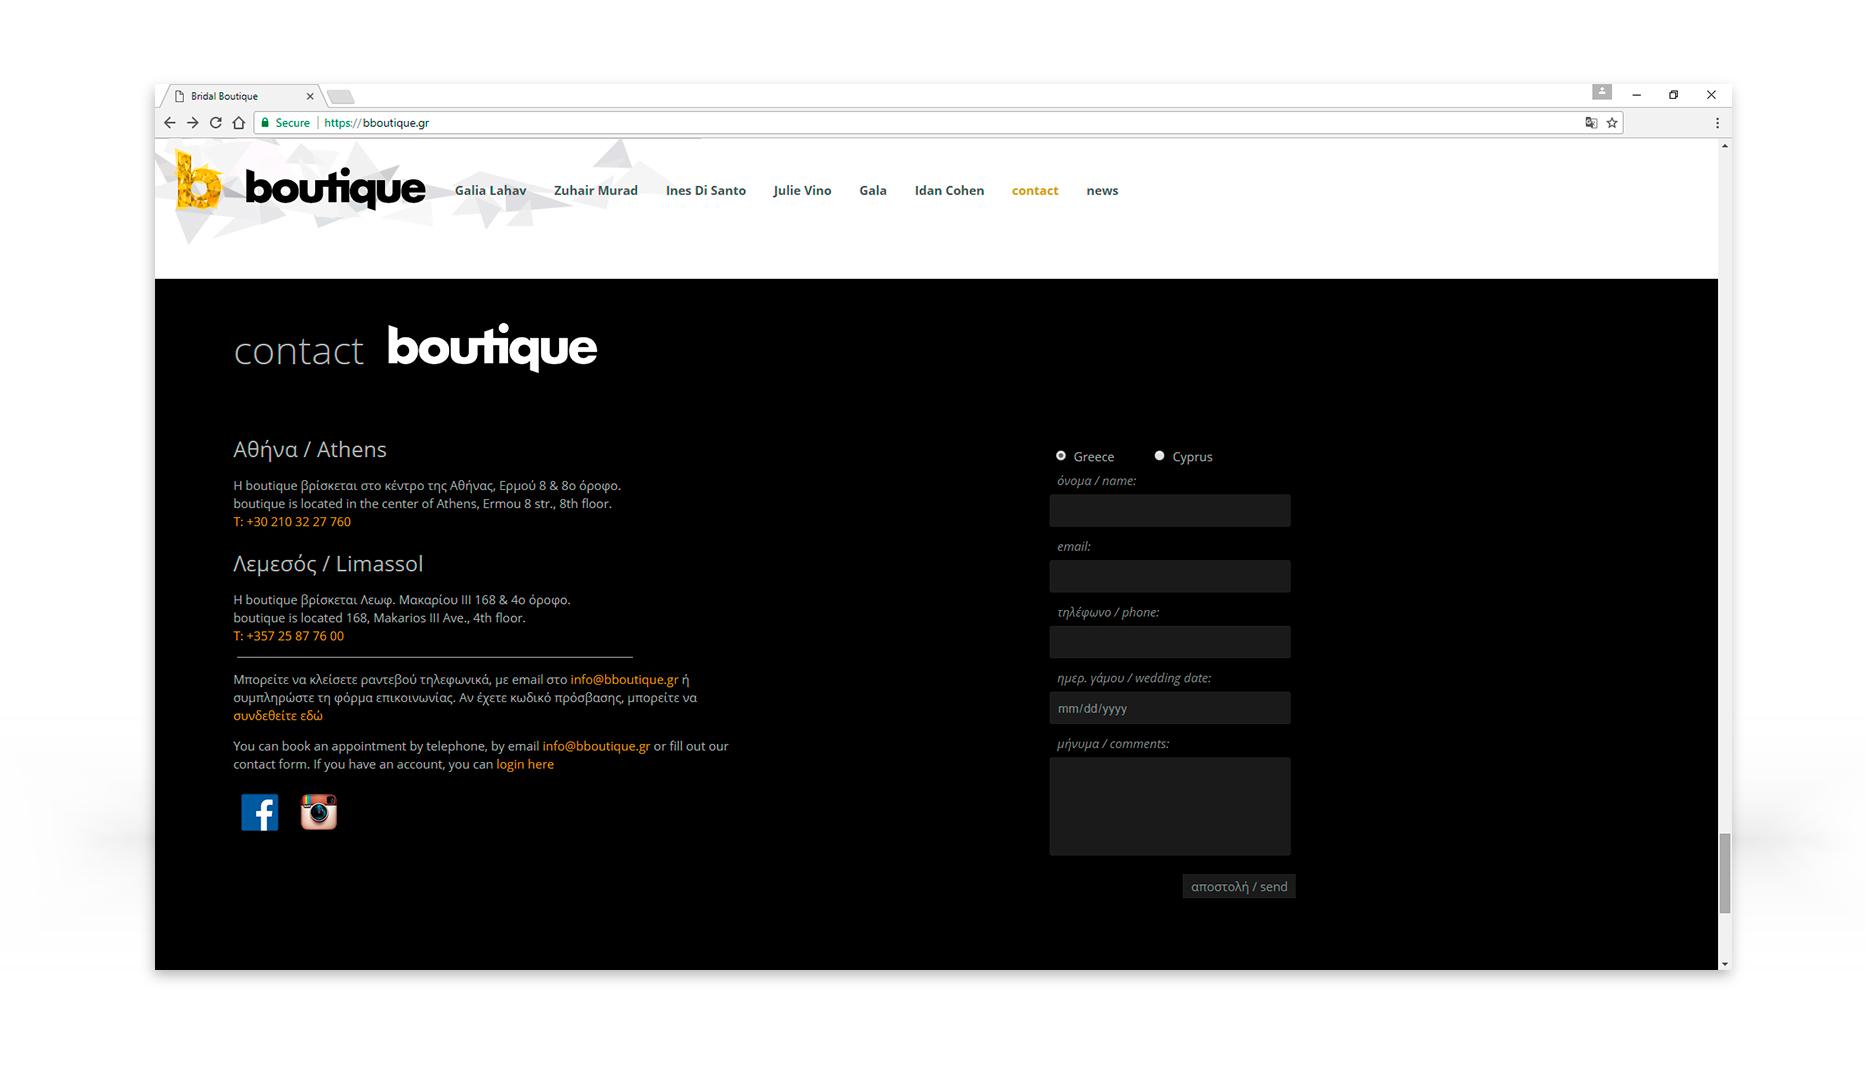 Σχεδιασμός & ανάπτυξη ιστοσελίδας boutique • adeadpixel